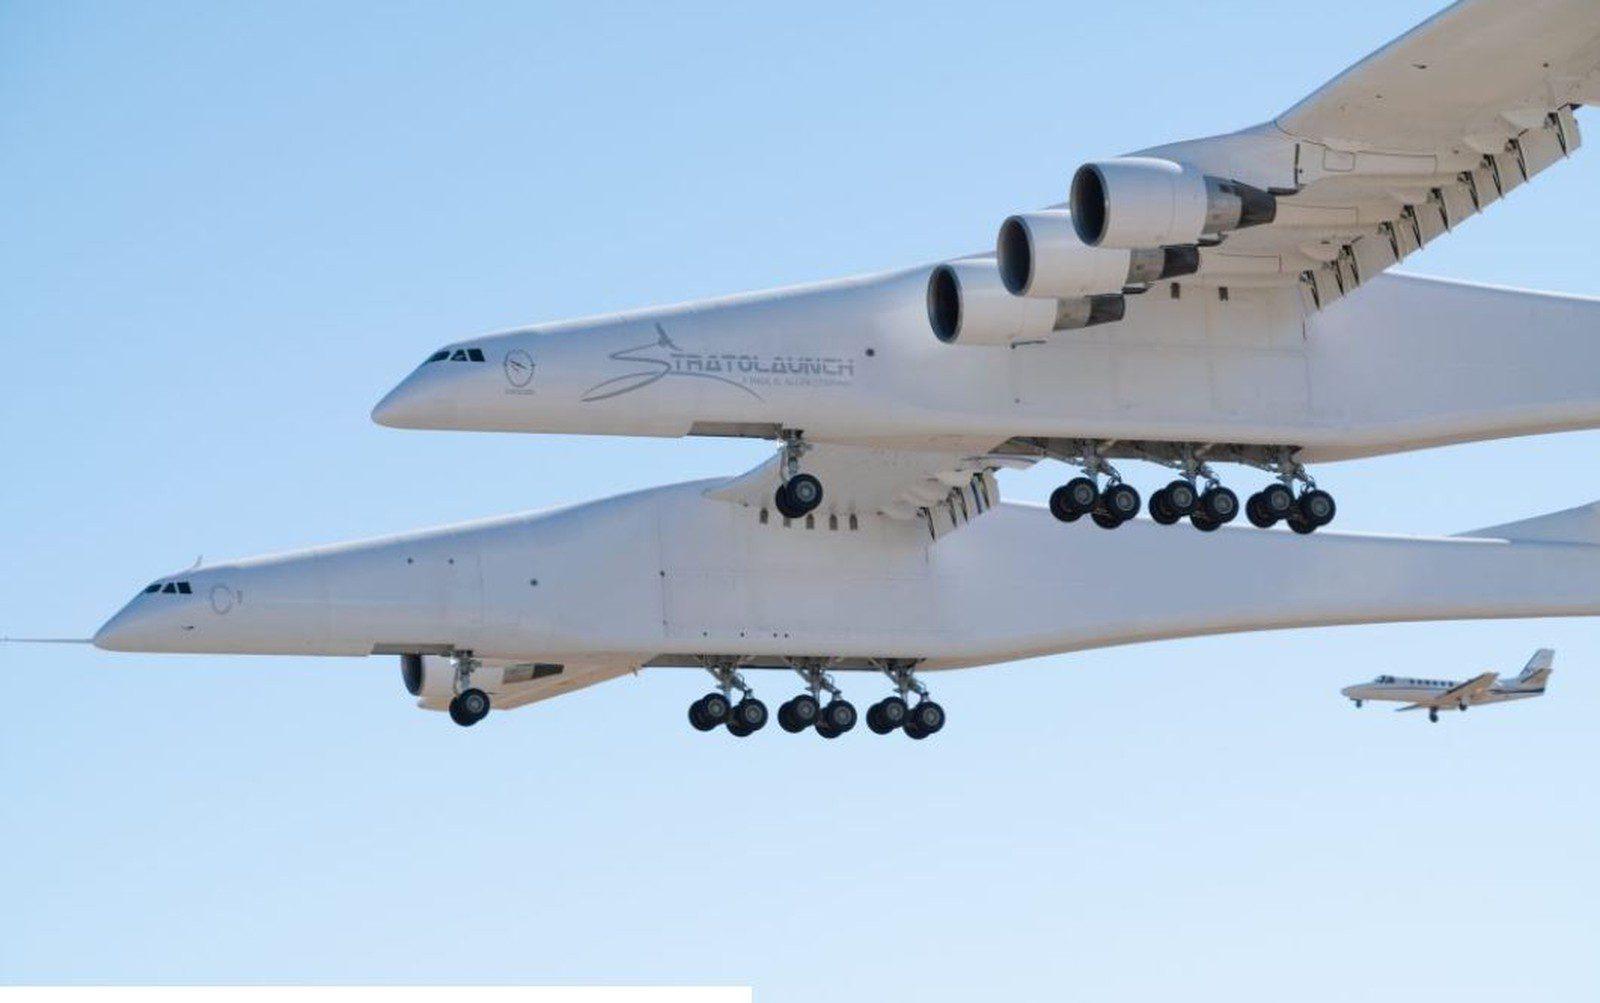 Maior avião do mundo em envergadura faz testes no deserto de Mojave, na Califória (EUA)